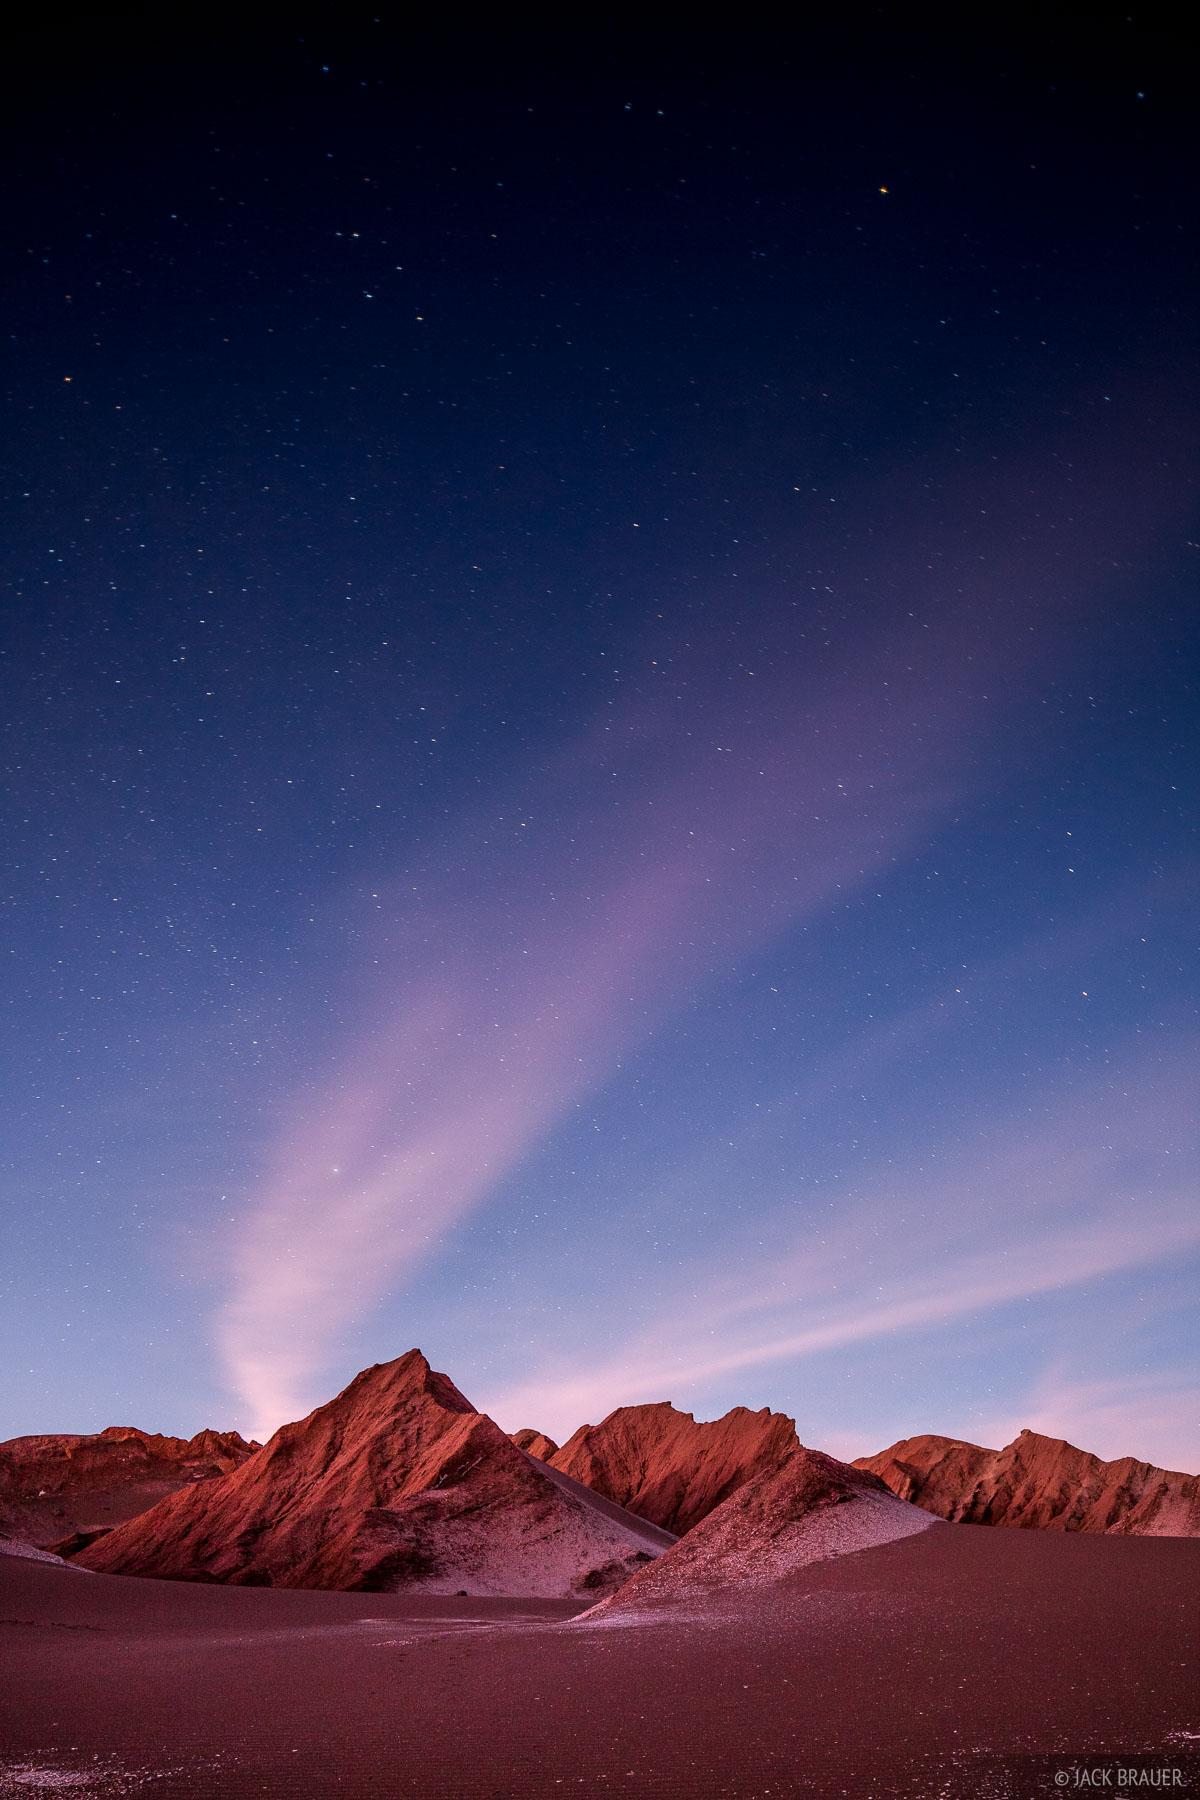 Valle de la Muerte, San Pedro de Atacama, Chile, moonlight, photo